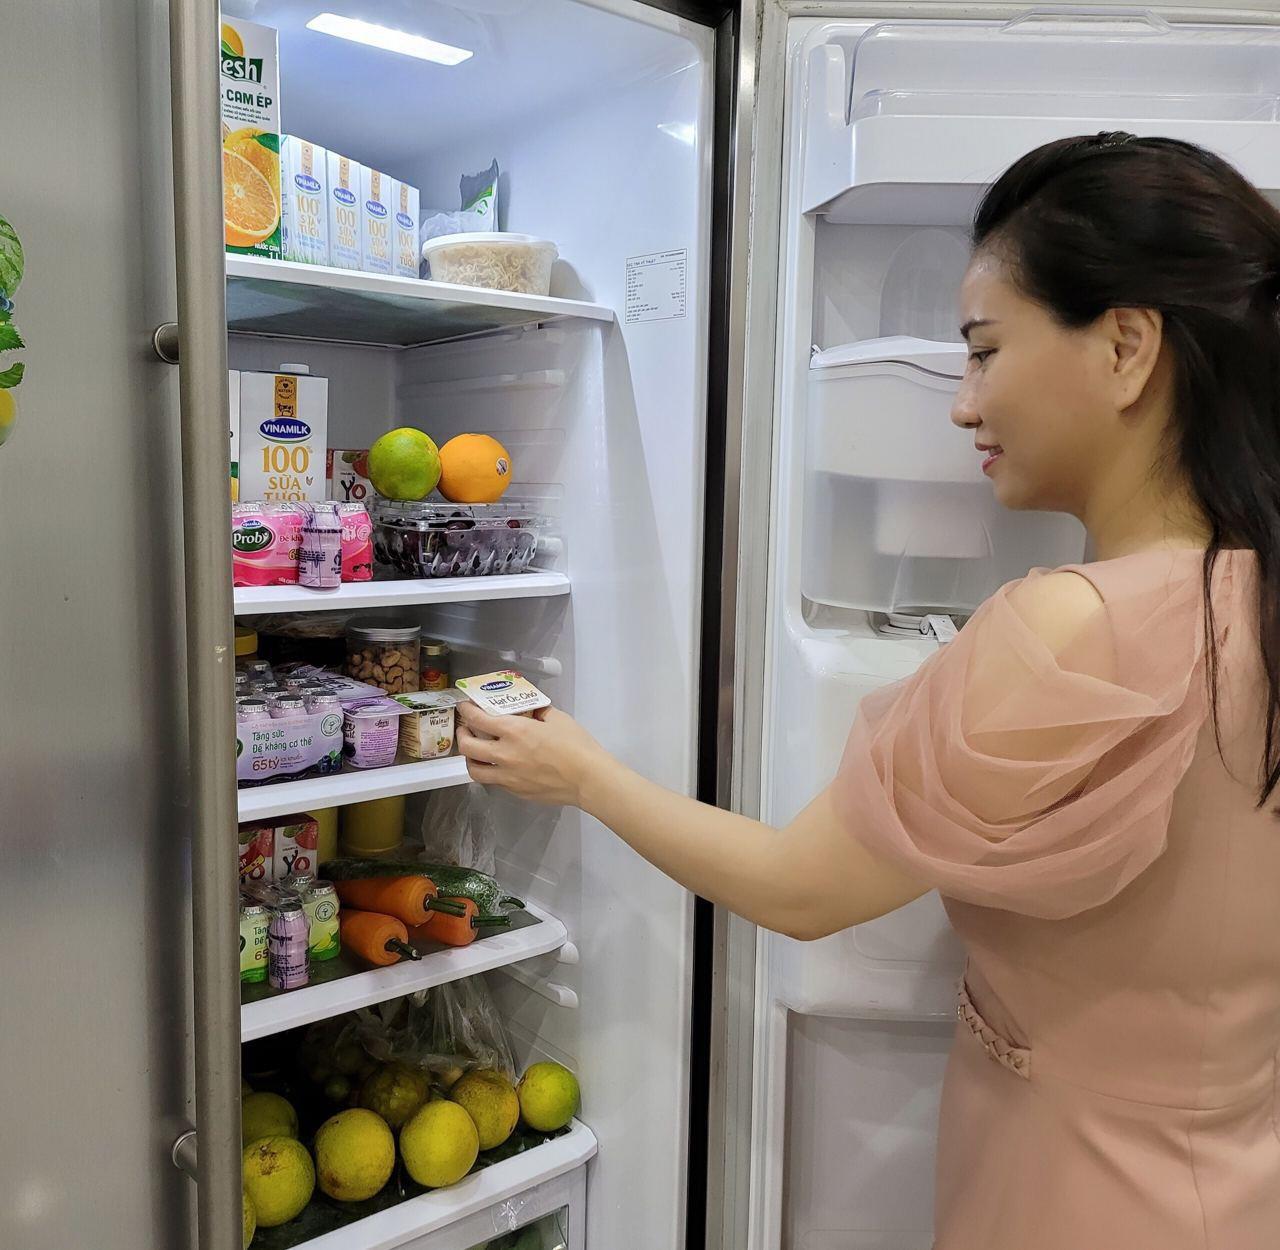 """Đi tìm những """"trợ thủ đắc lực"""" có mặt trong hầu hết tủ lạnh của mọi nhà vào mùa ai cũng cần tăng đề kháng - Ảnh 1."""